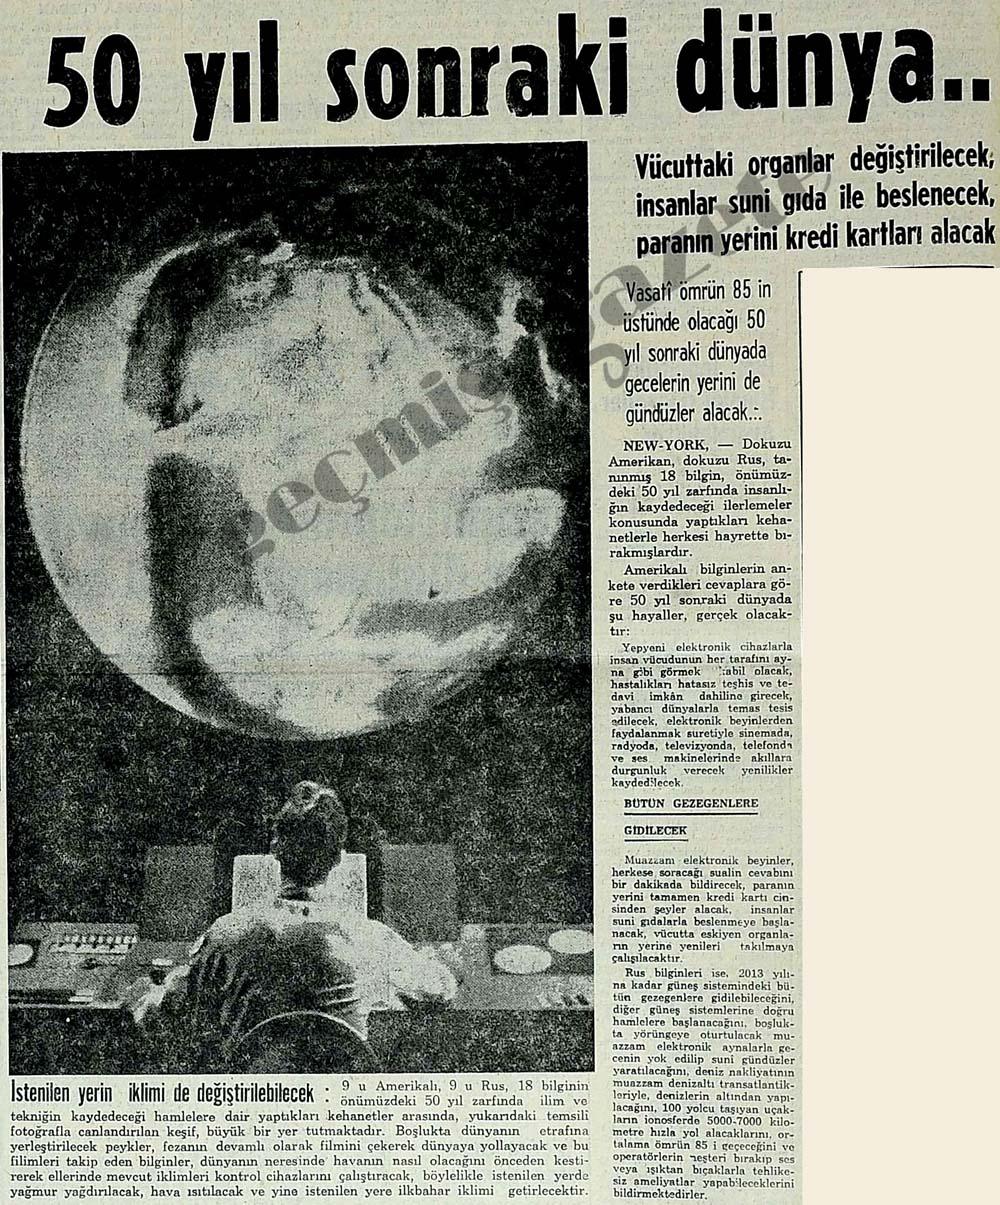 50 yıl sonraki dünya..